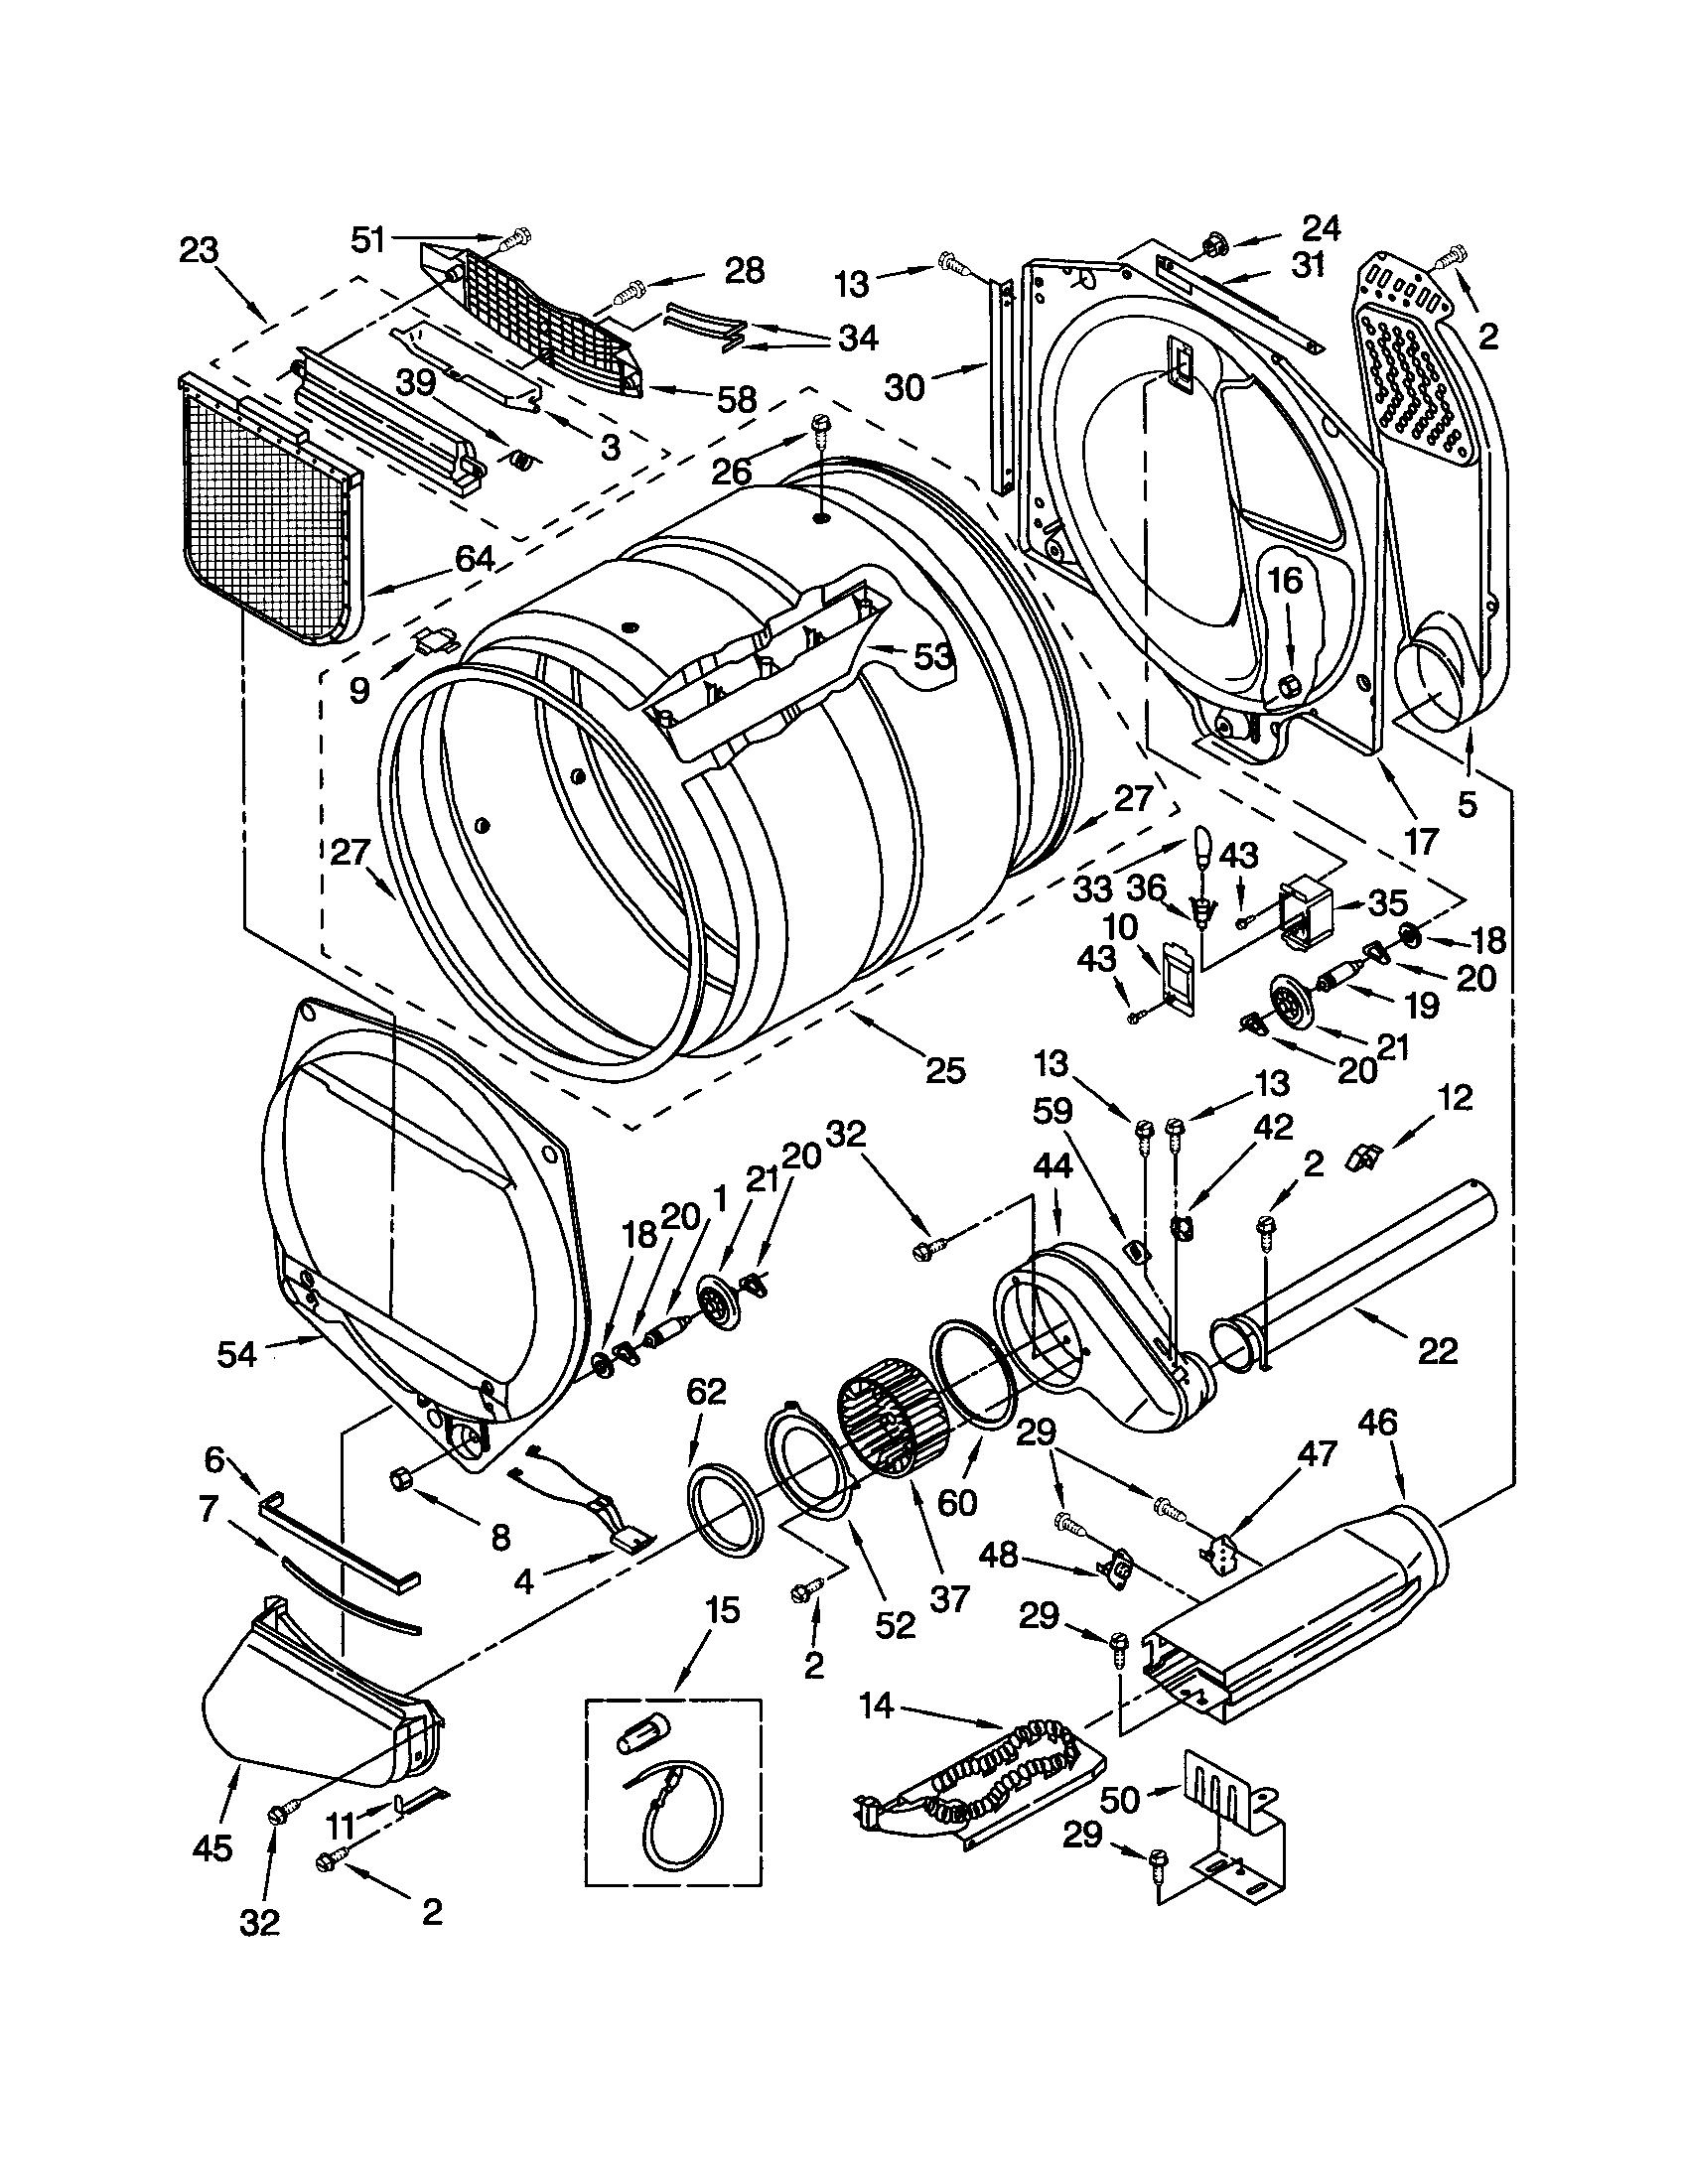 kenmore elite he3 dryer wiring diagram